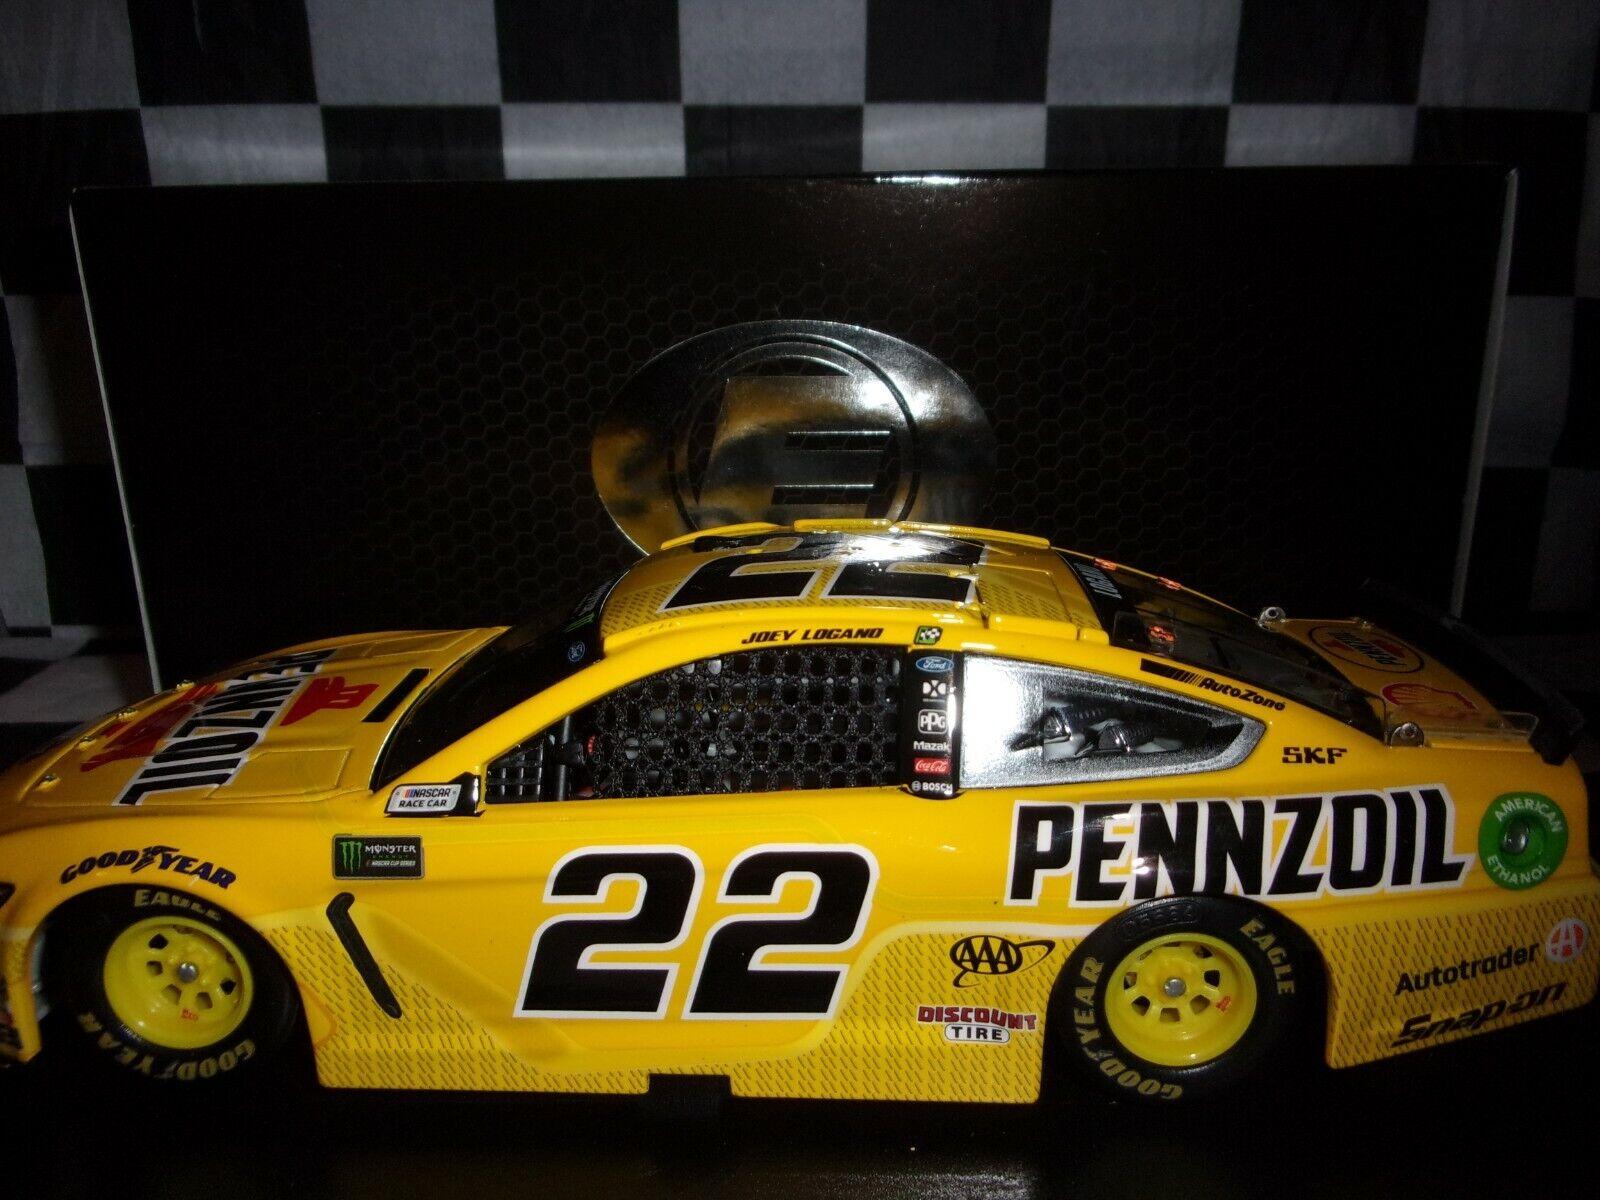 Joey Logano Pennzoil ELITE 2019 Mustang actie 1:24-schaal NASCAR C221922PZJL